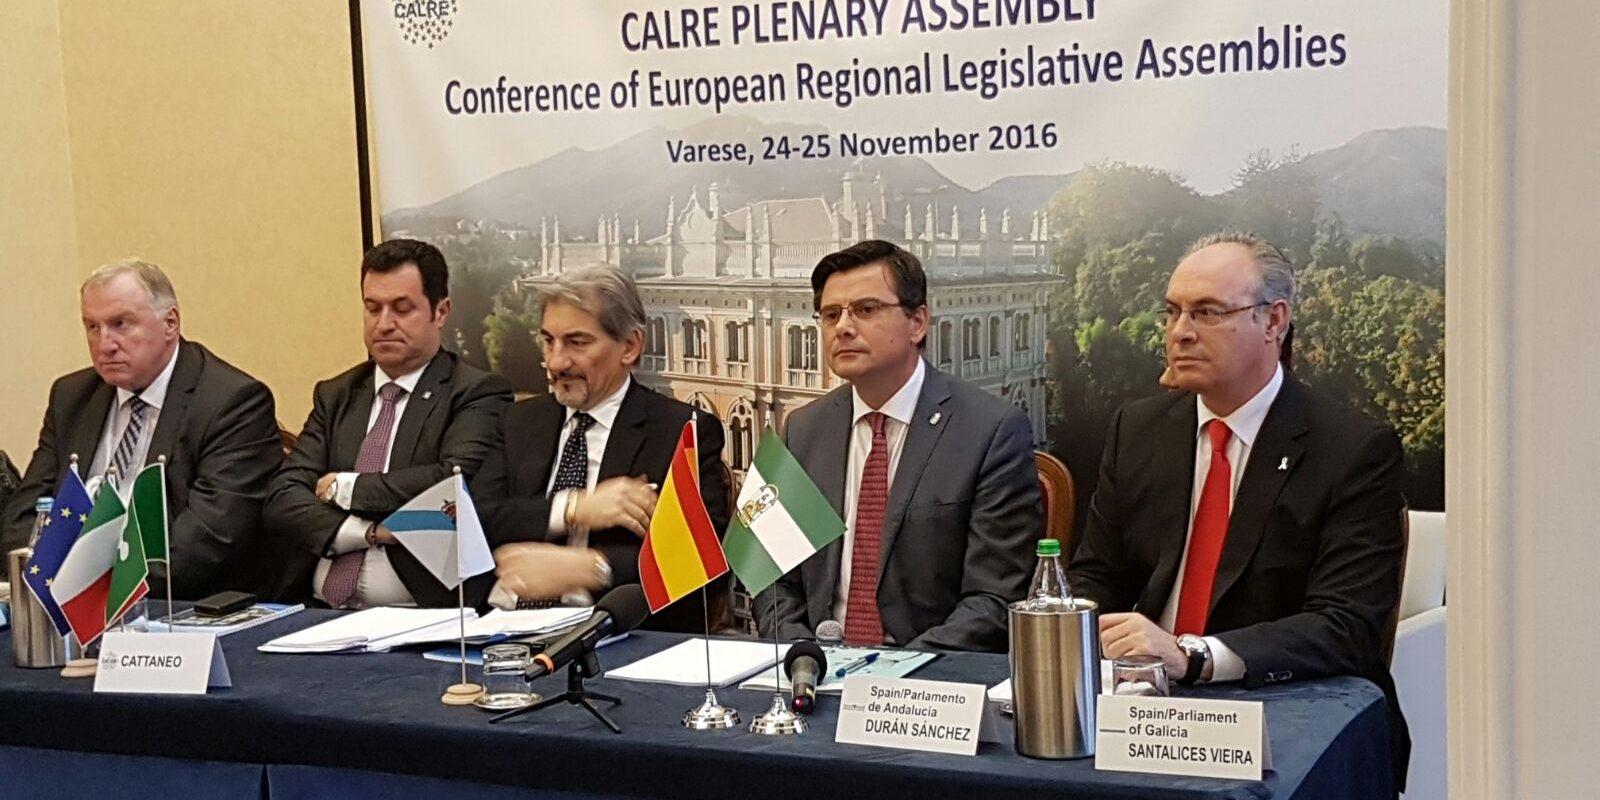 Presidencia del Plenario de la CALRE en Varese